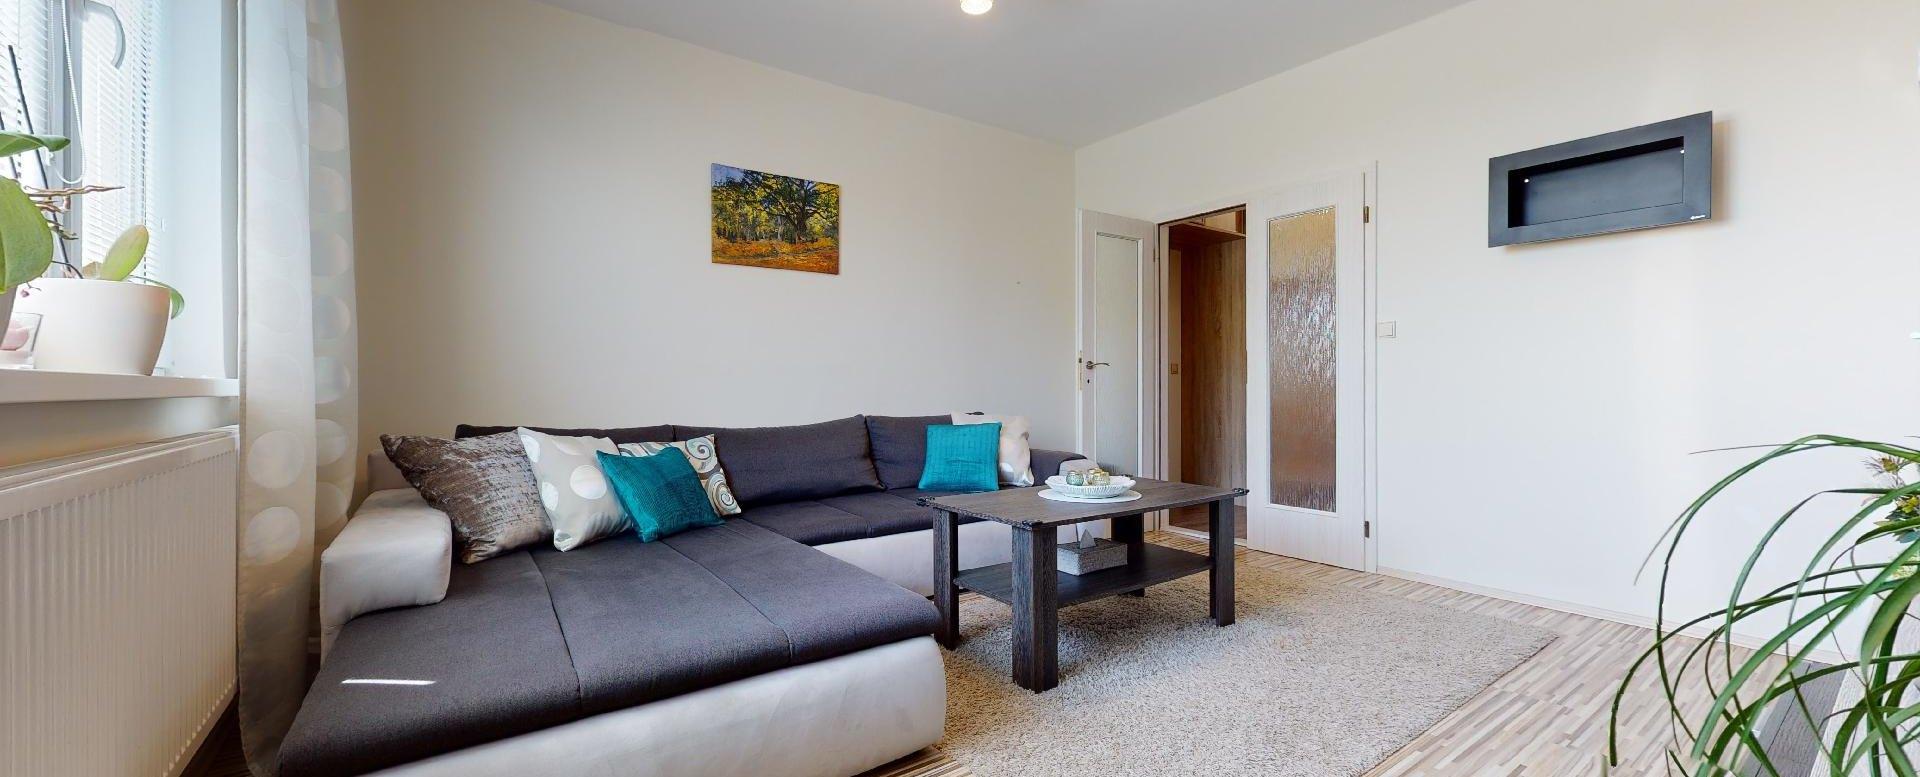 Obývacia izba s rohovou sedačkou